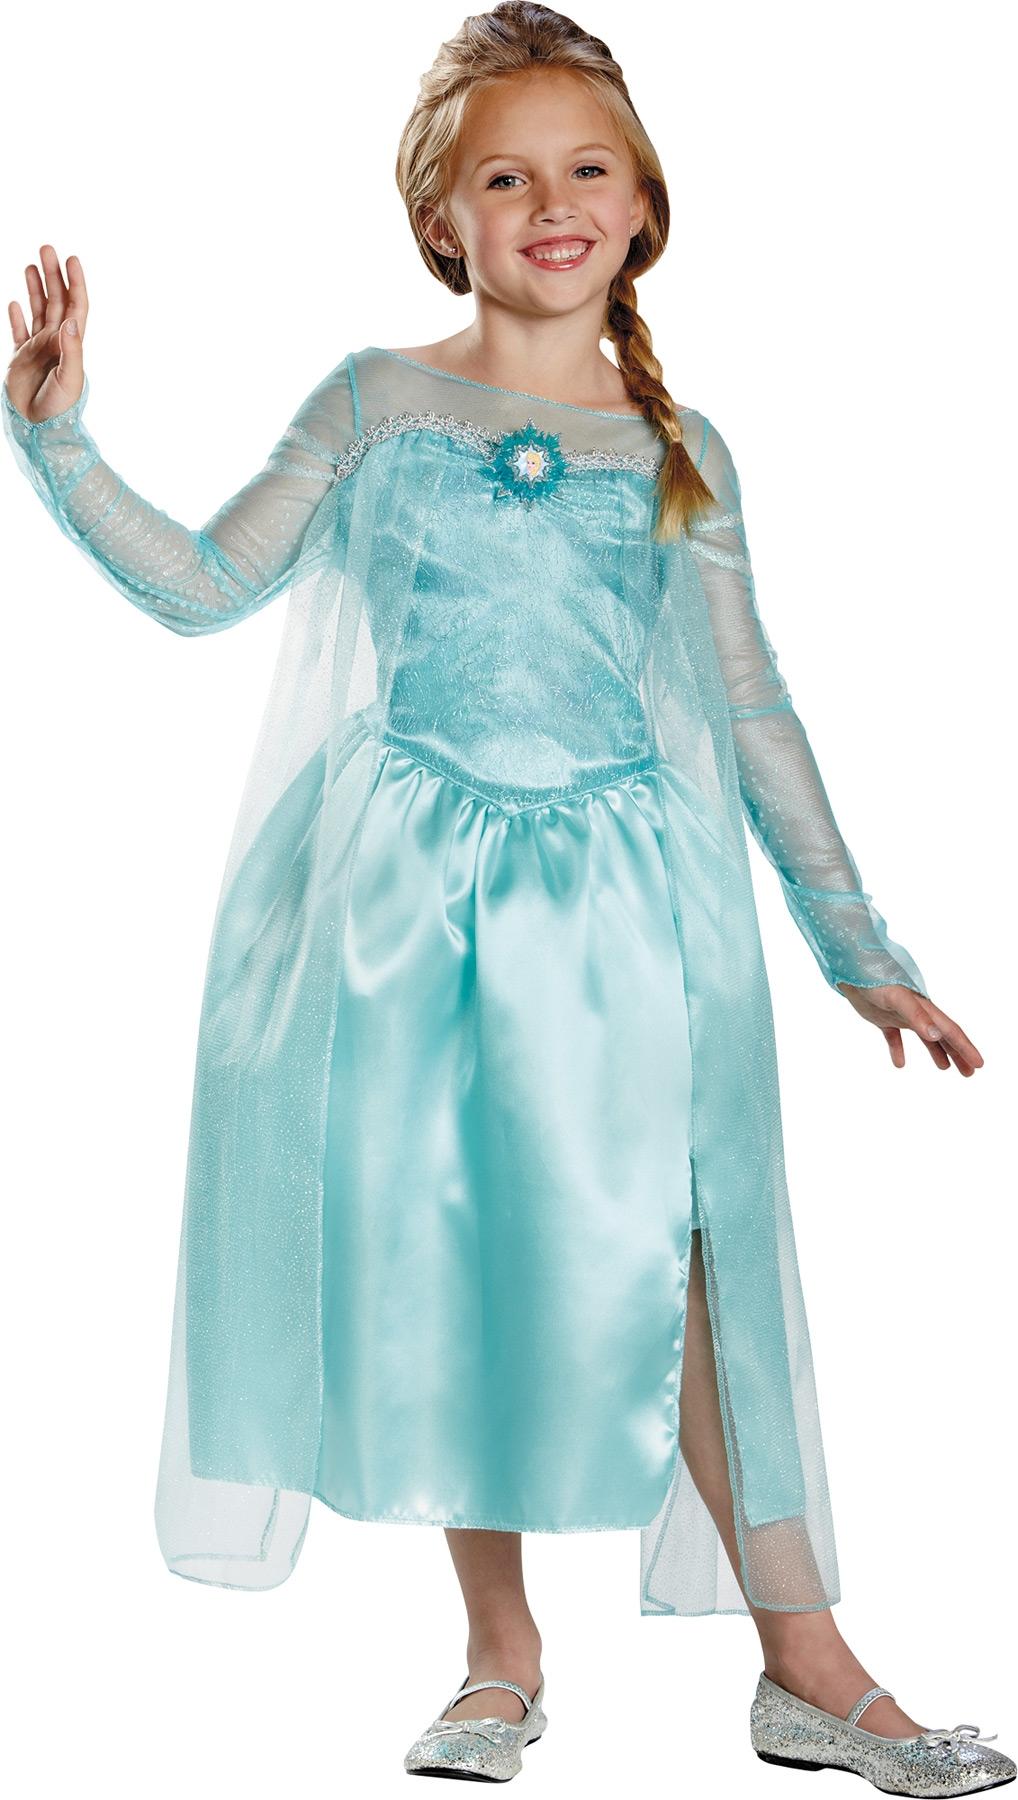 Детский костюм Королевы Эльзы (32-34) детский костюм джульетты 32 34